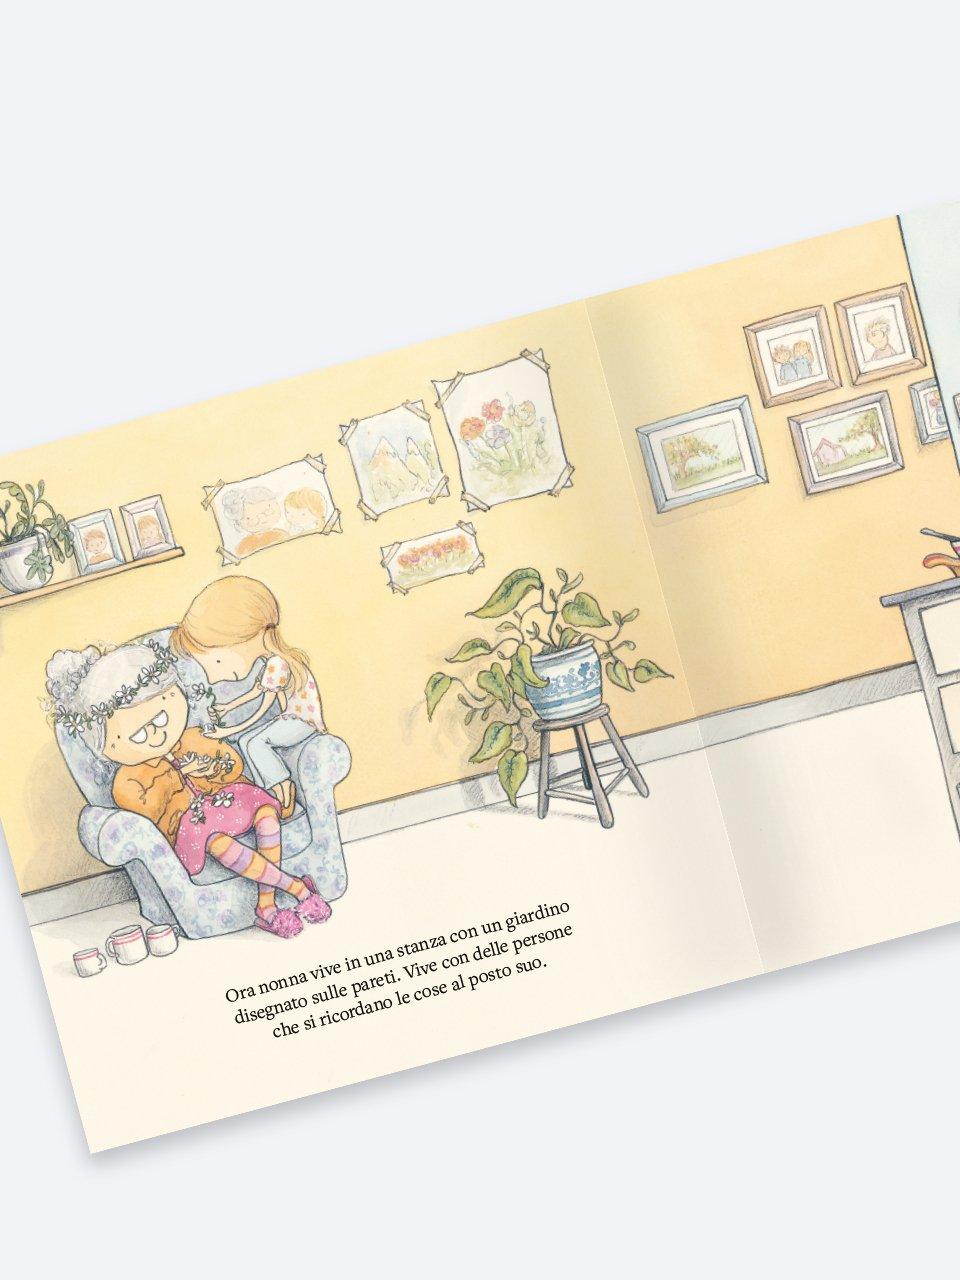 Nonna dimentica - Libri - Erickson 2